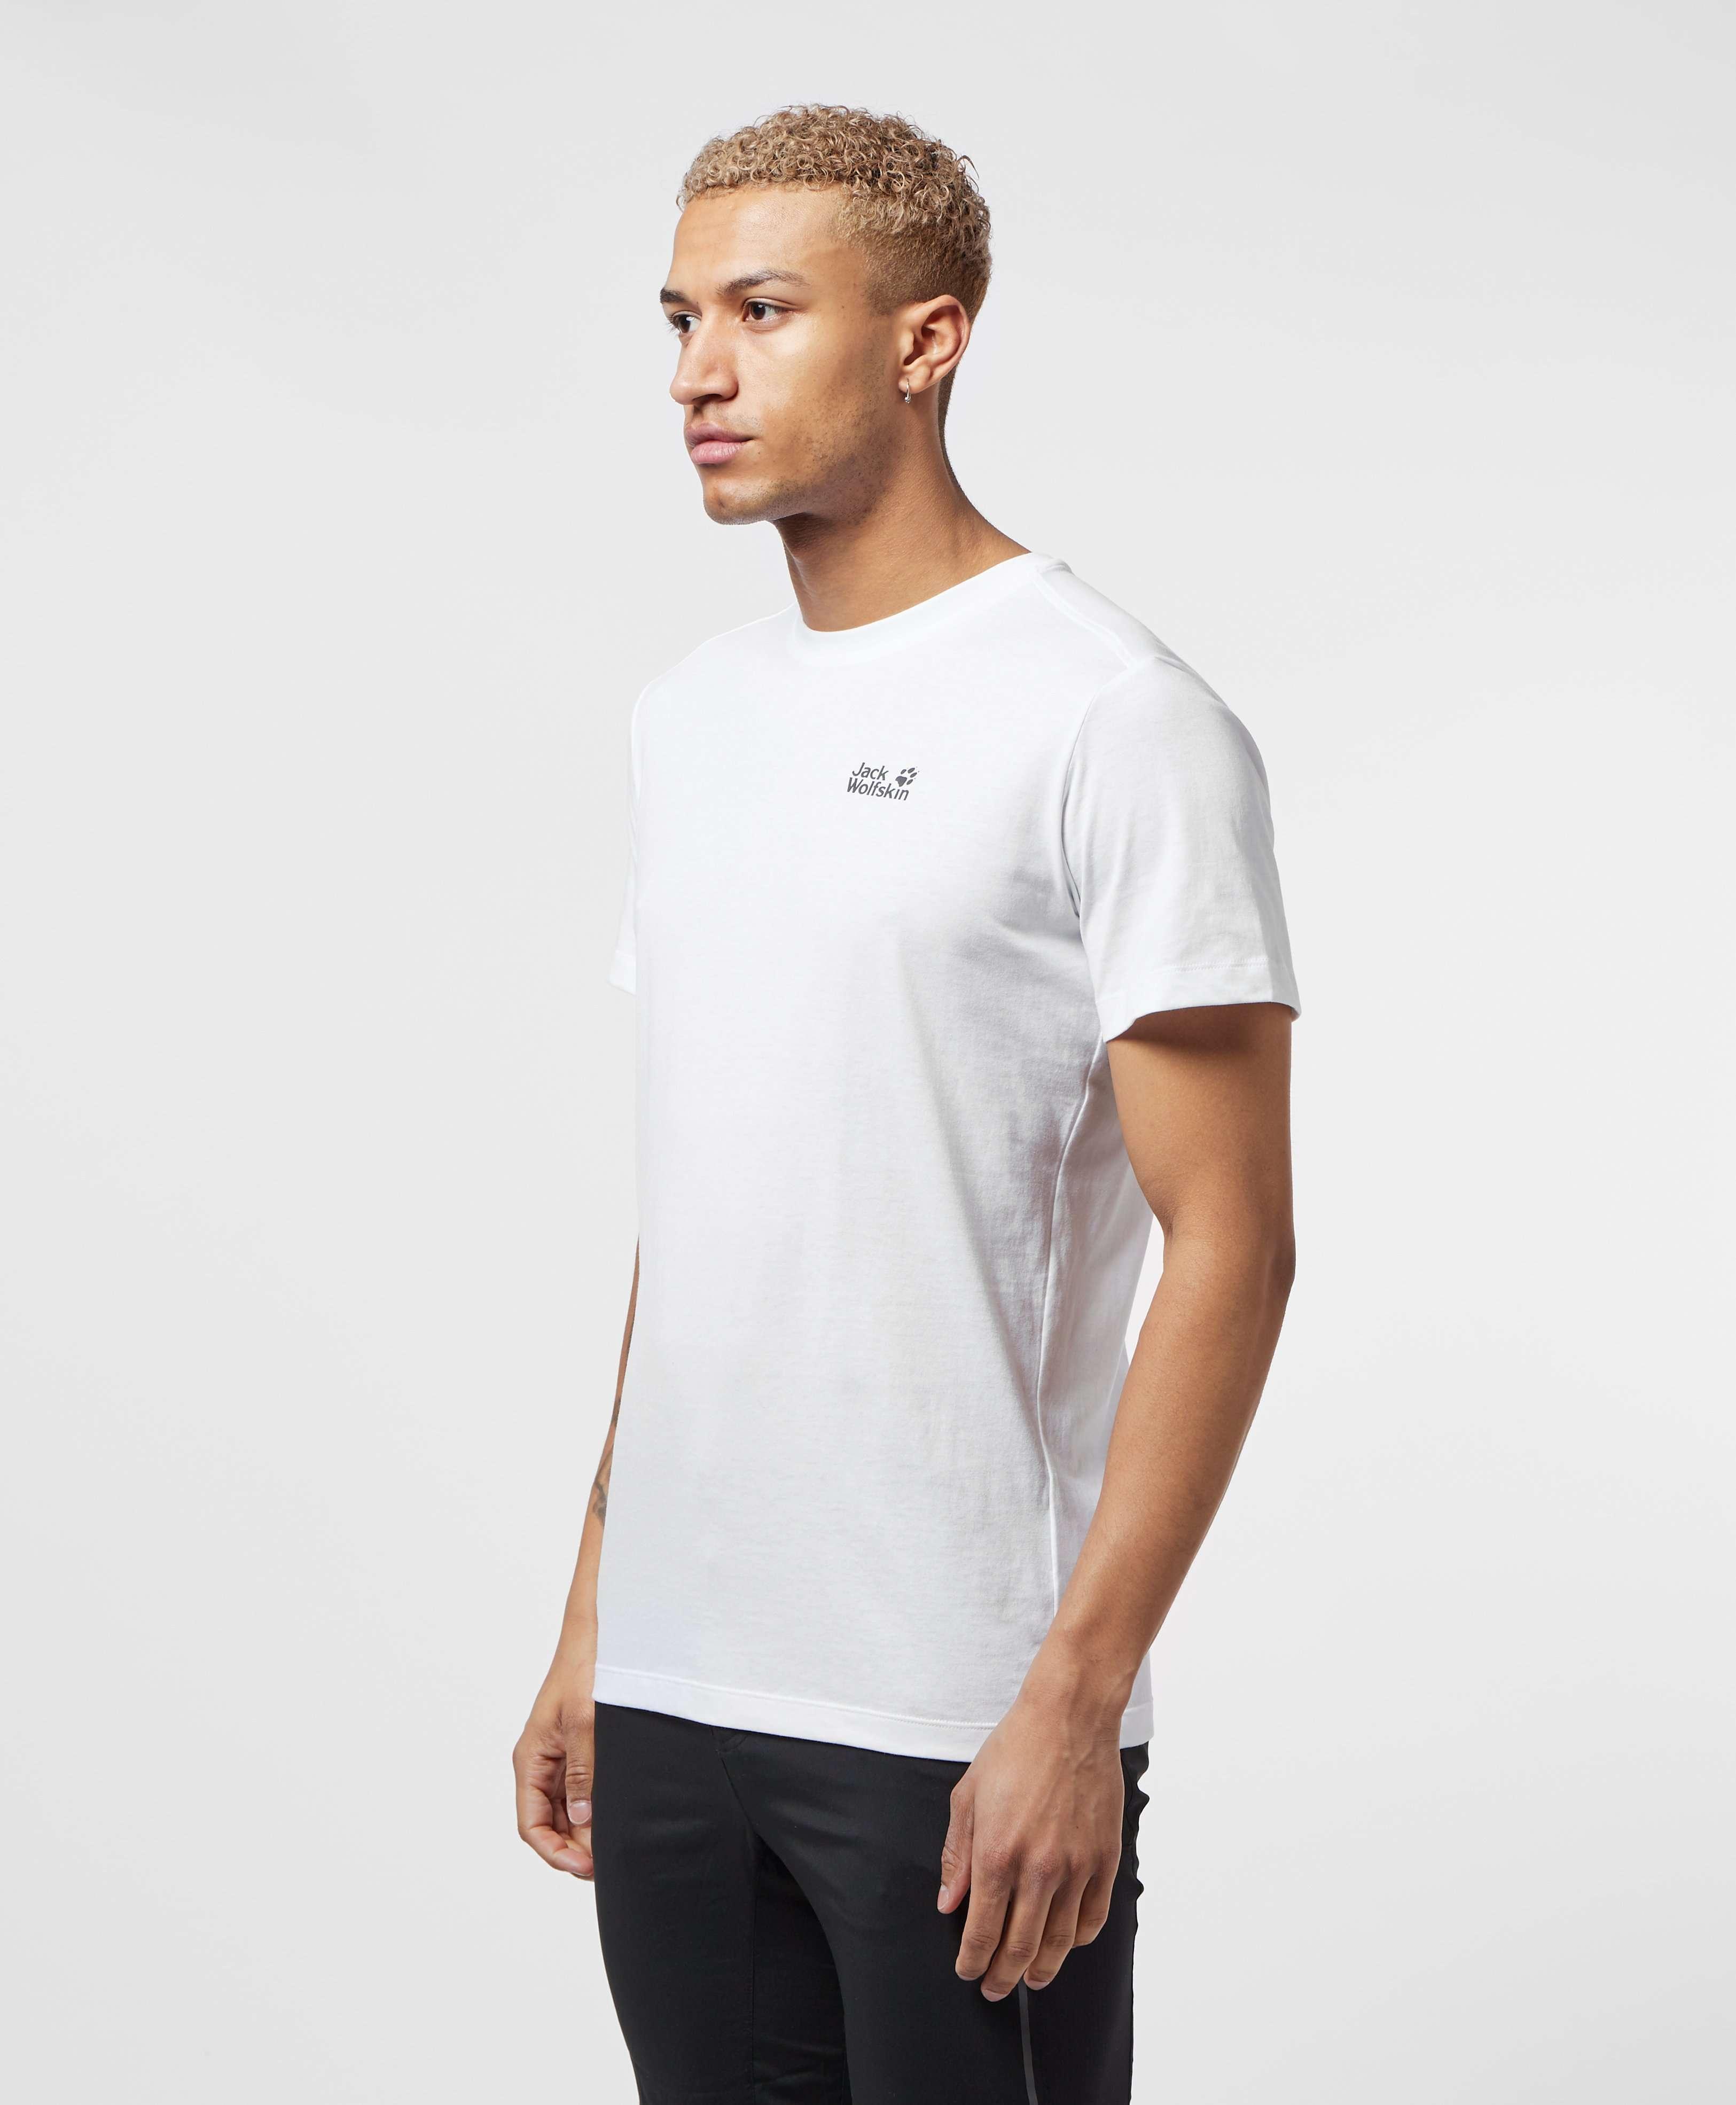 Jack Wolfskin Core Short Sleeve T-Shirt